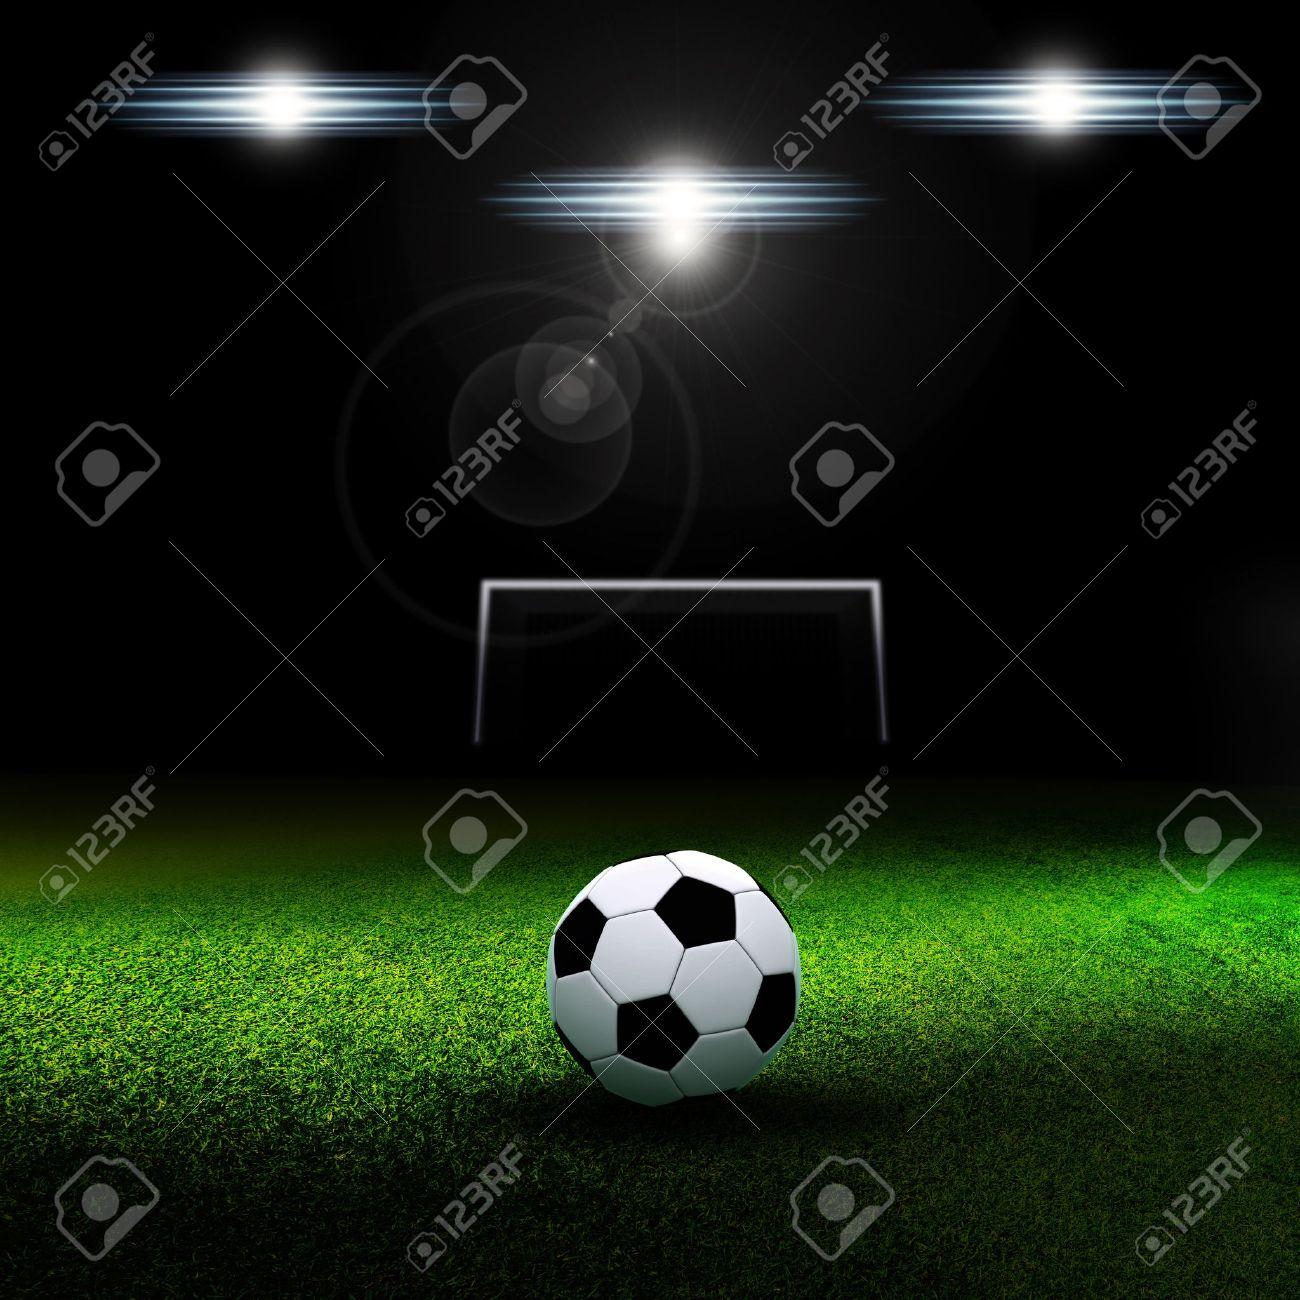 Soccer Ball On Grass Against Black Background Soccer Football Field